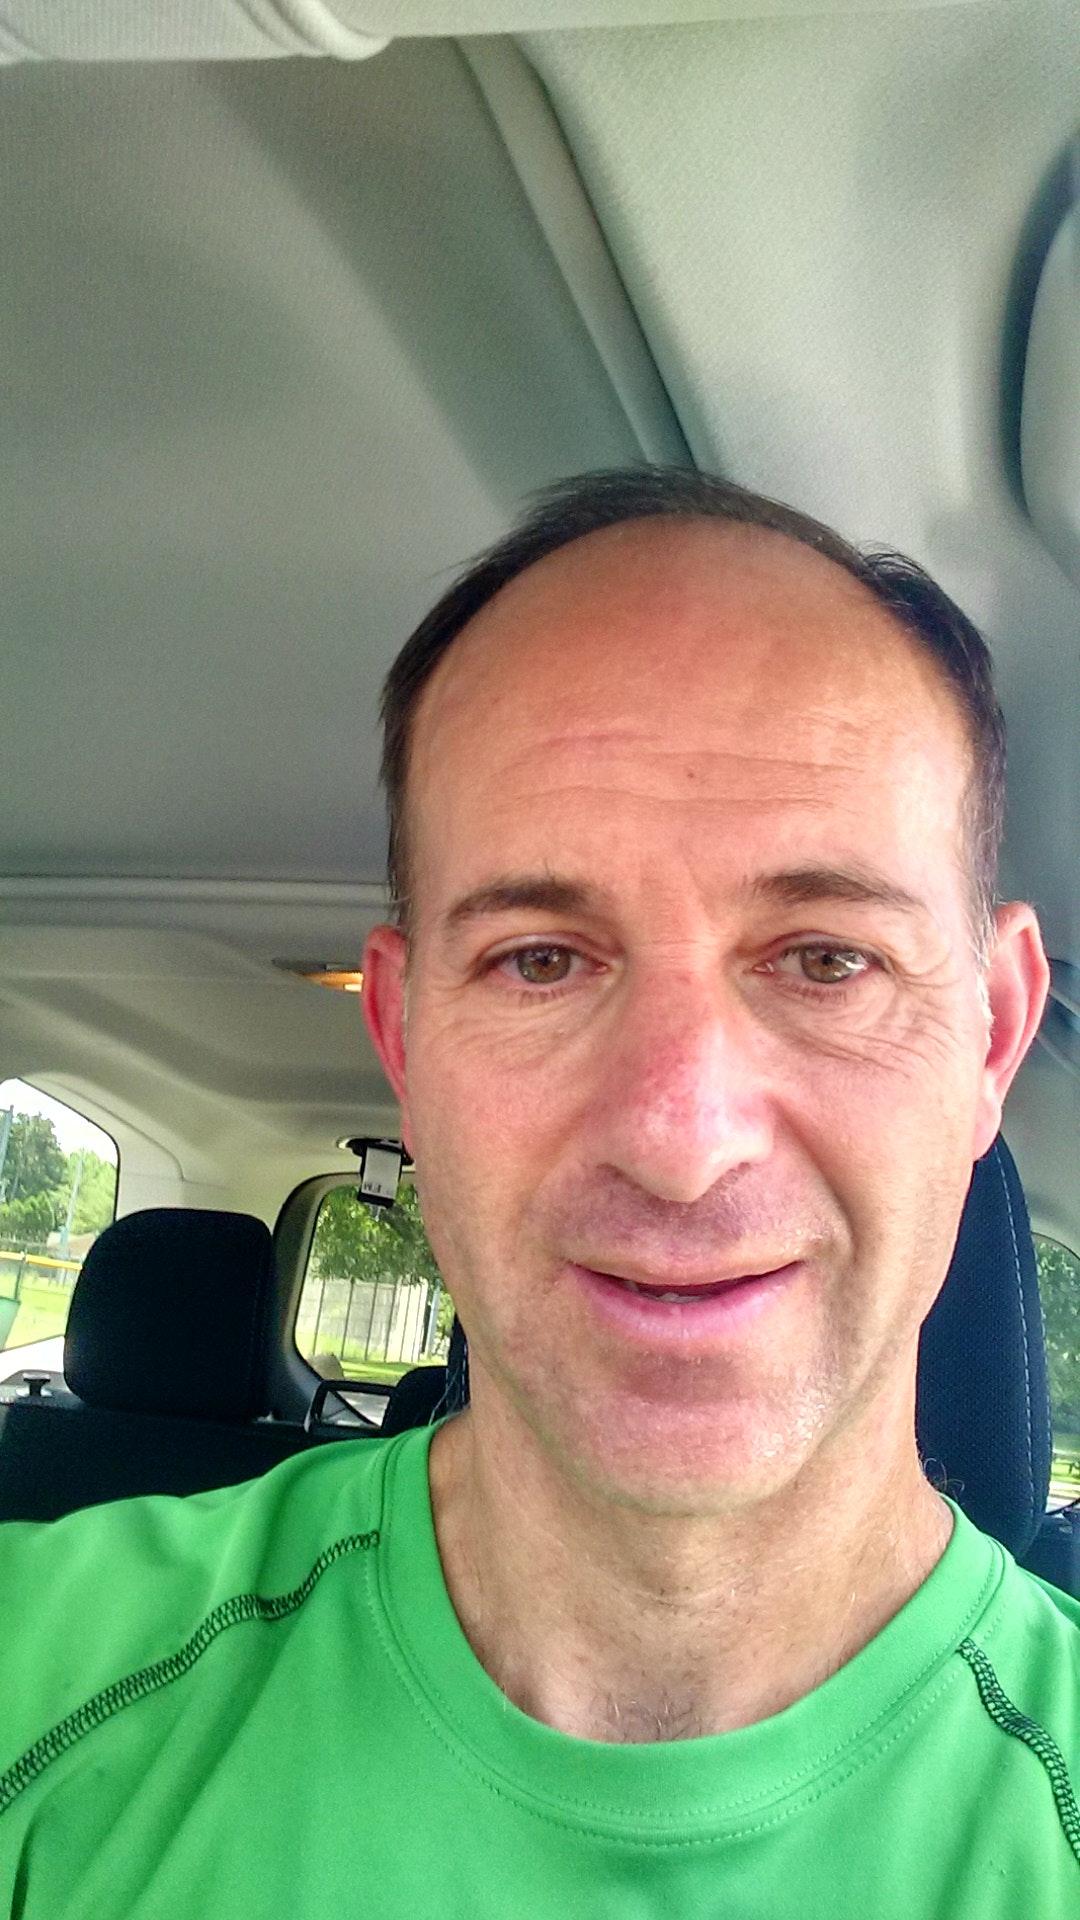 Adam M. teaches tennis lessons in South Orange, NJ